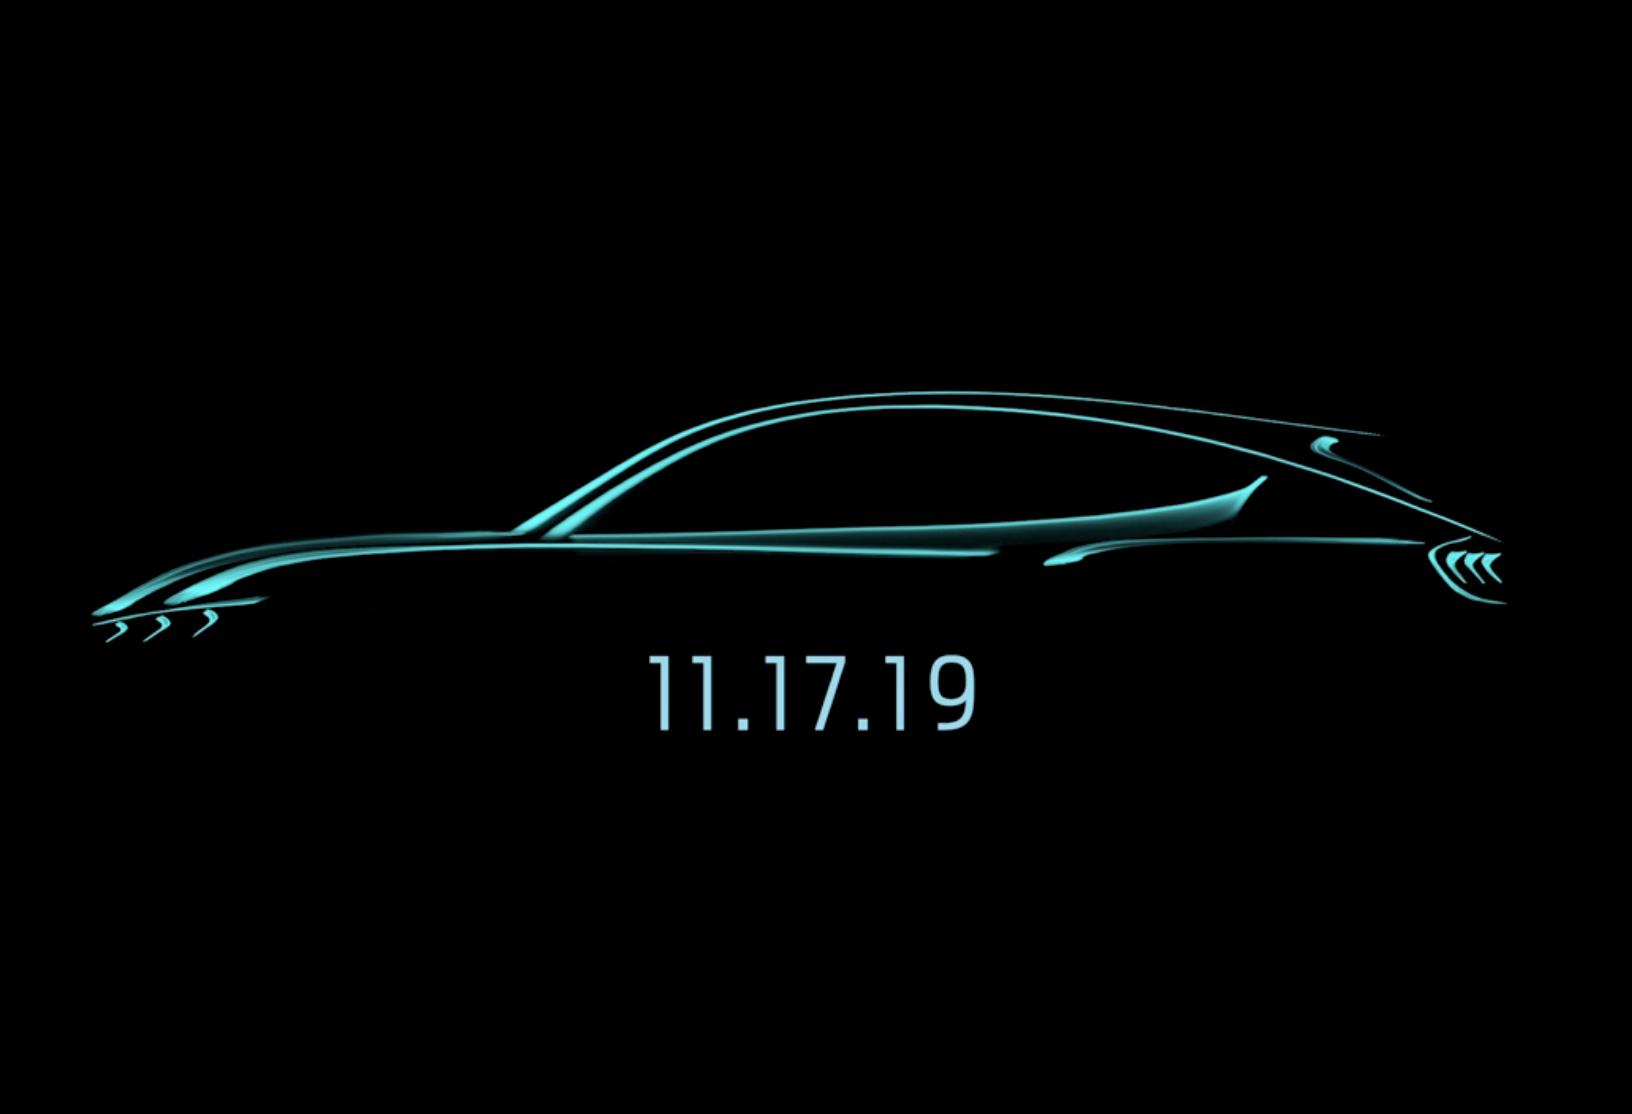 Le SUV électrique de Ford inspiré par la Mustang sera dévoilé le 17 novembre